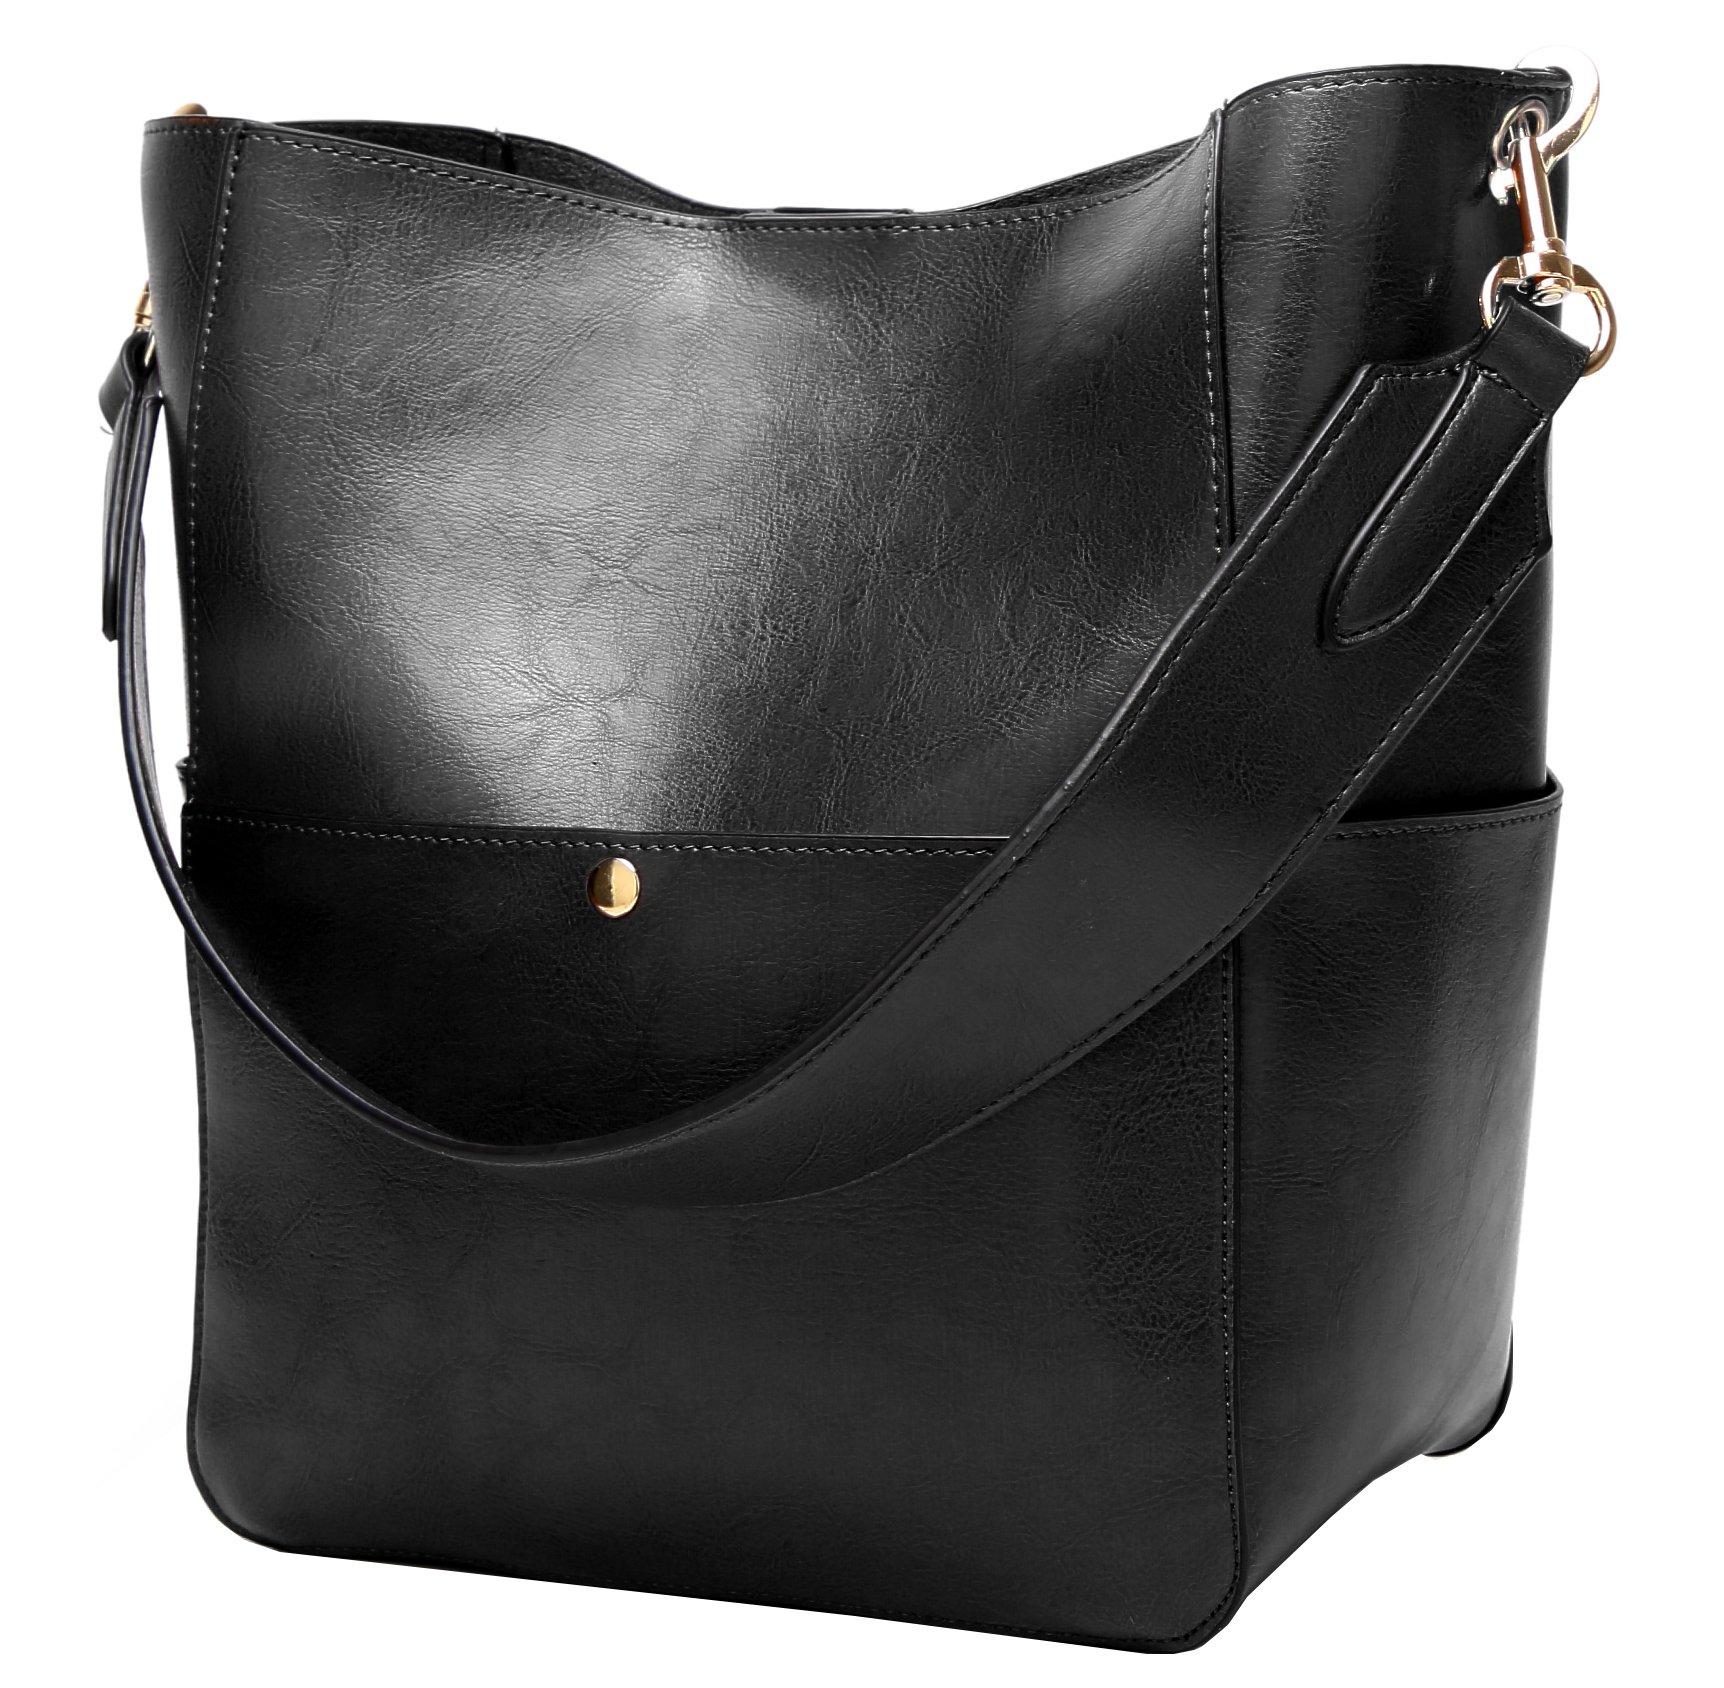 Molodo Women's Satchel Hobo Top Handle Tote Shoulder Purse Soft Leather Crossbody Designer Handbag Big Capacity Bucket Bags by Molodo